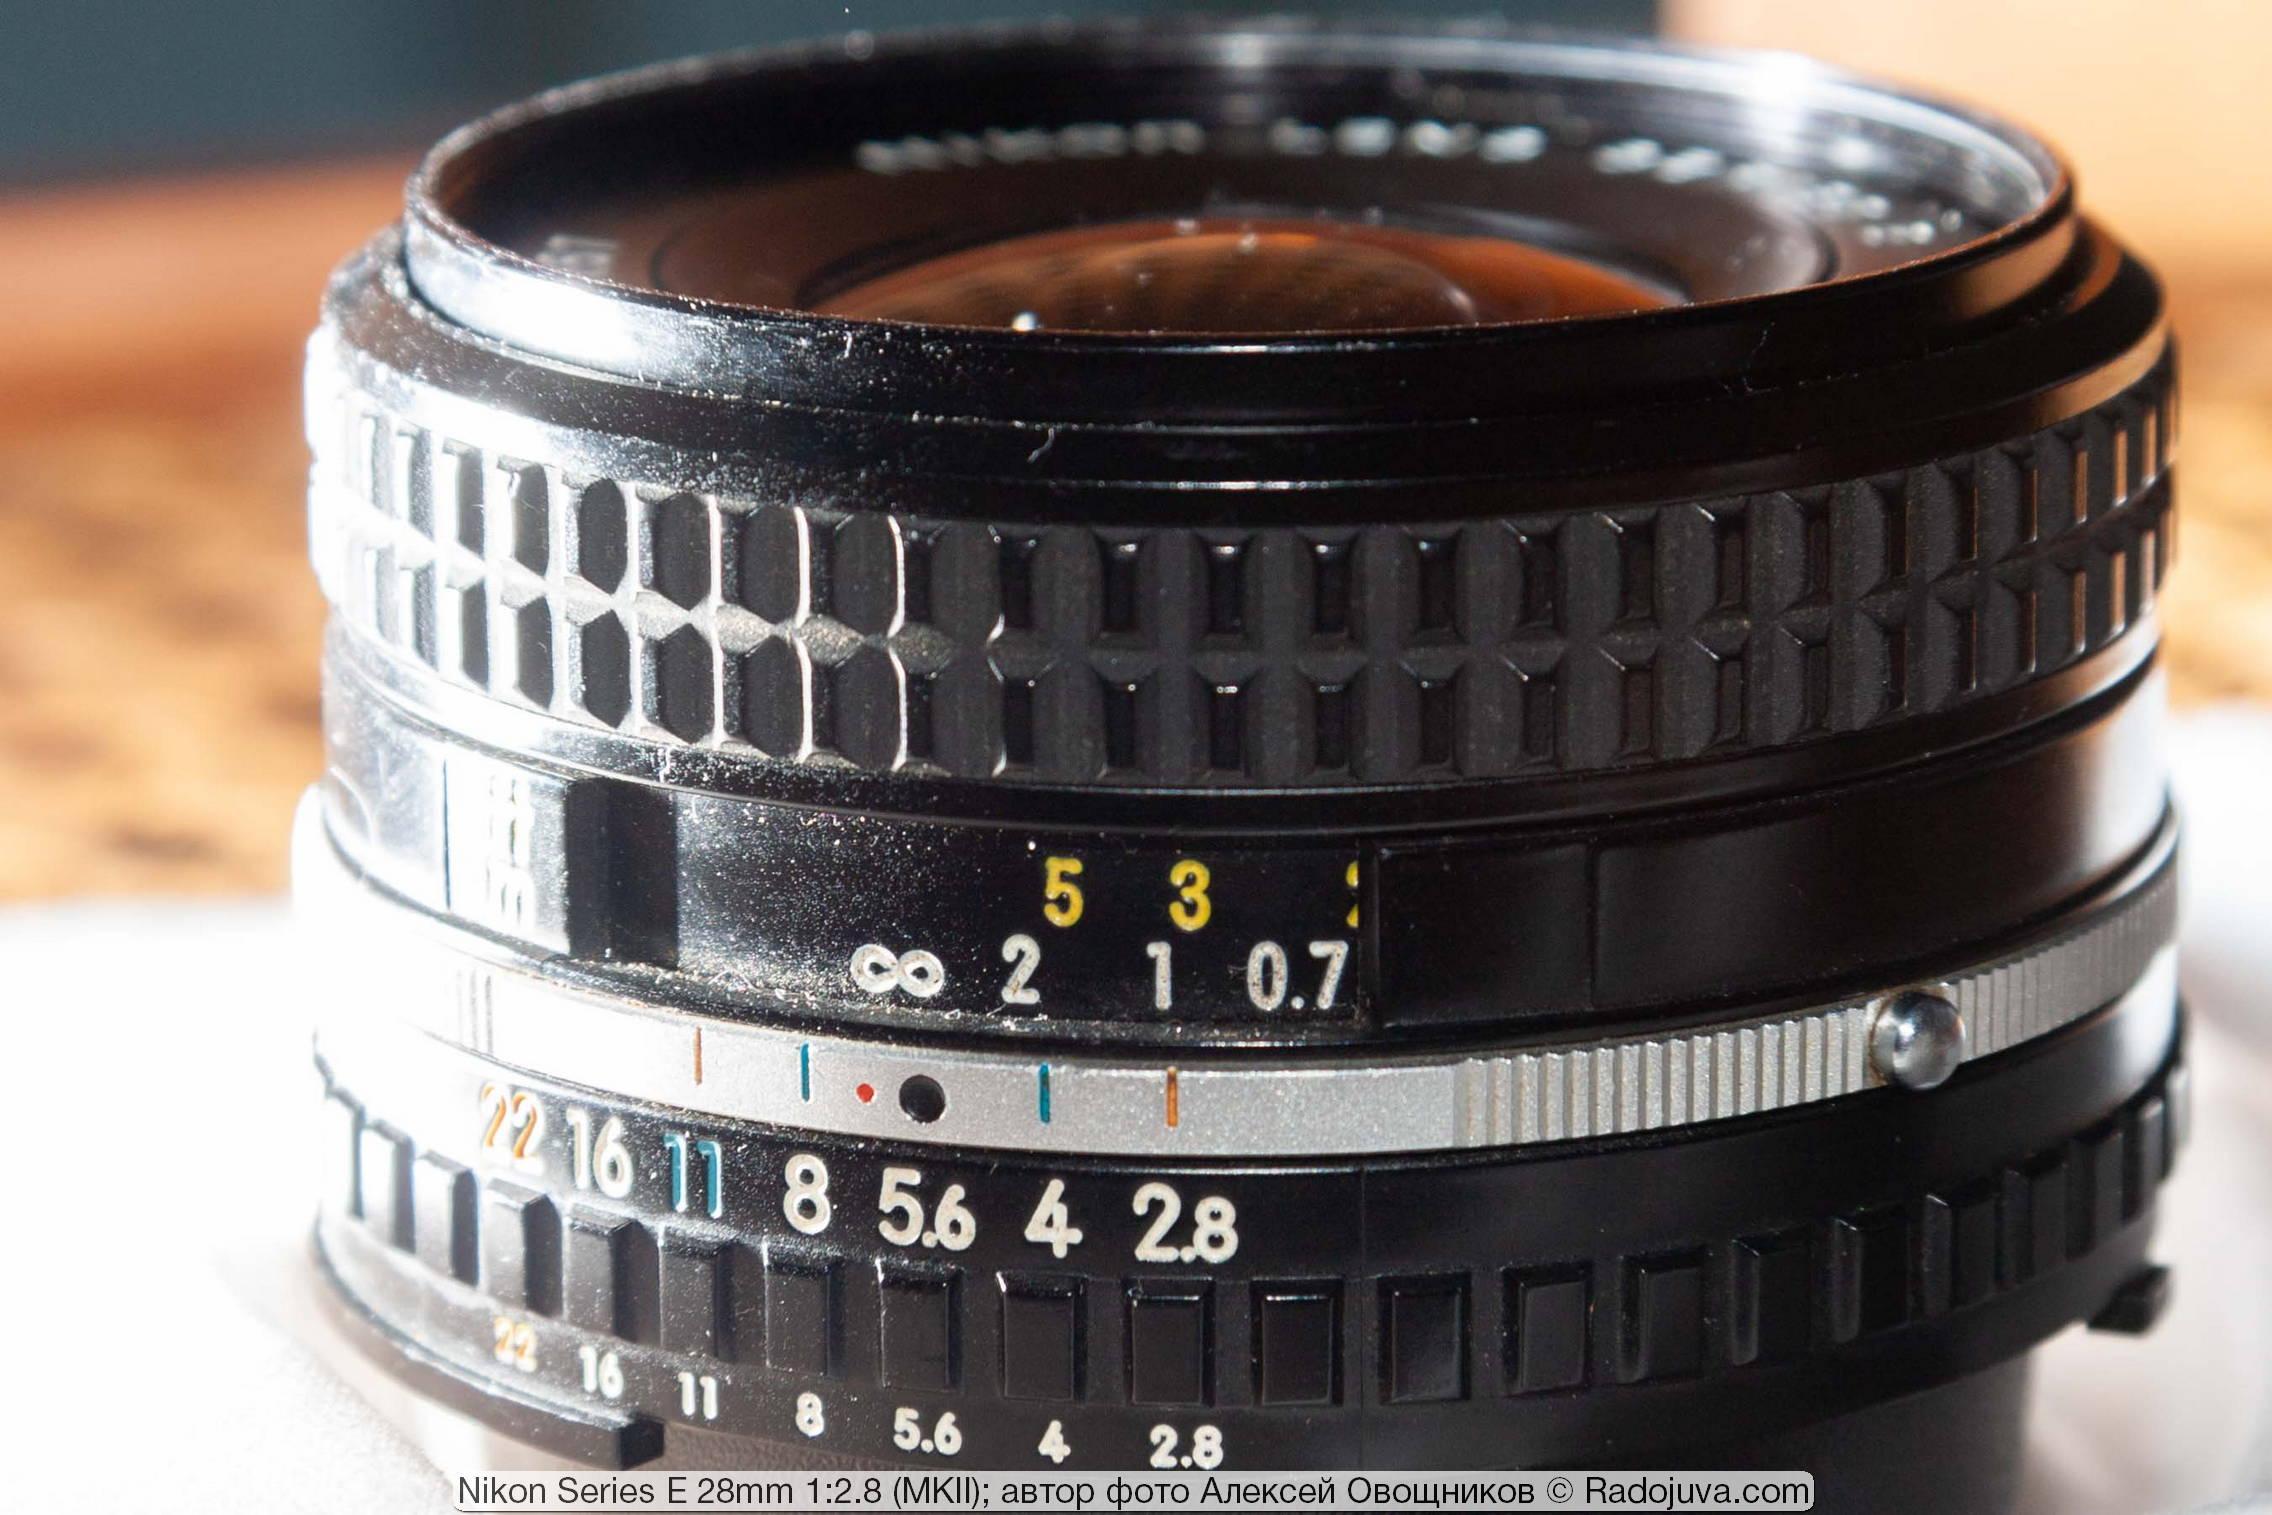 Nikon Series E 28mm 1:2.8 MKII